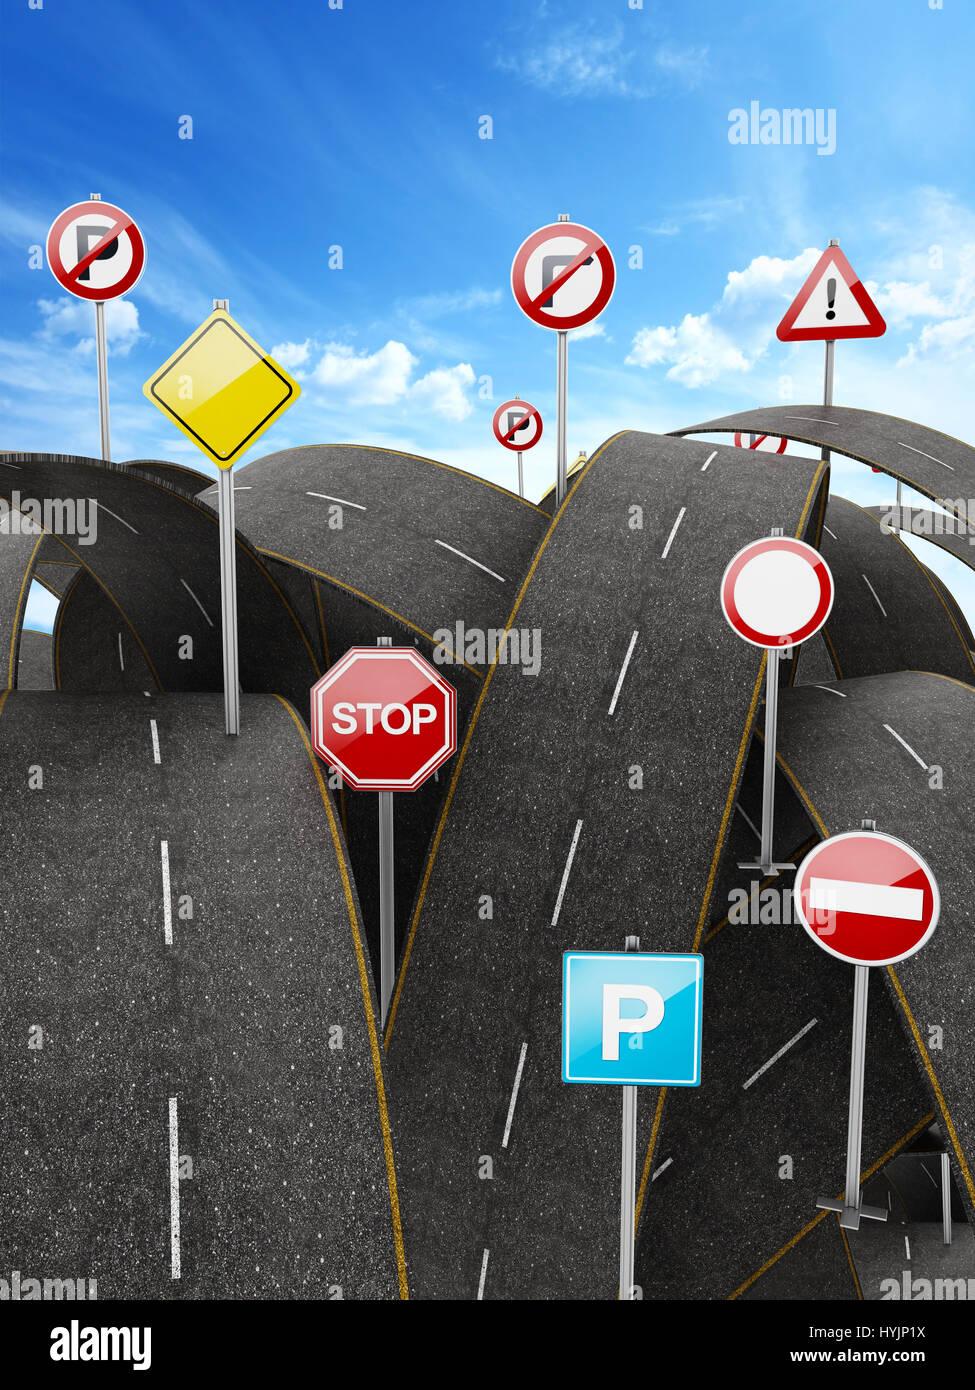 Aggrovigliato, affollato, strade caotiche e molti segni di traffico. 3D illustrazione Immagini Stock